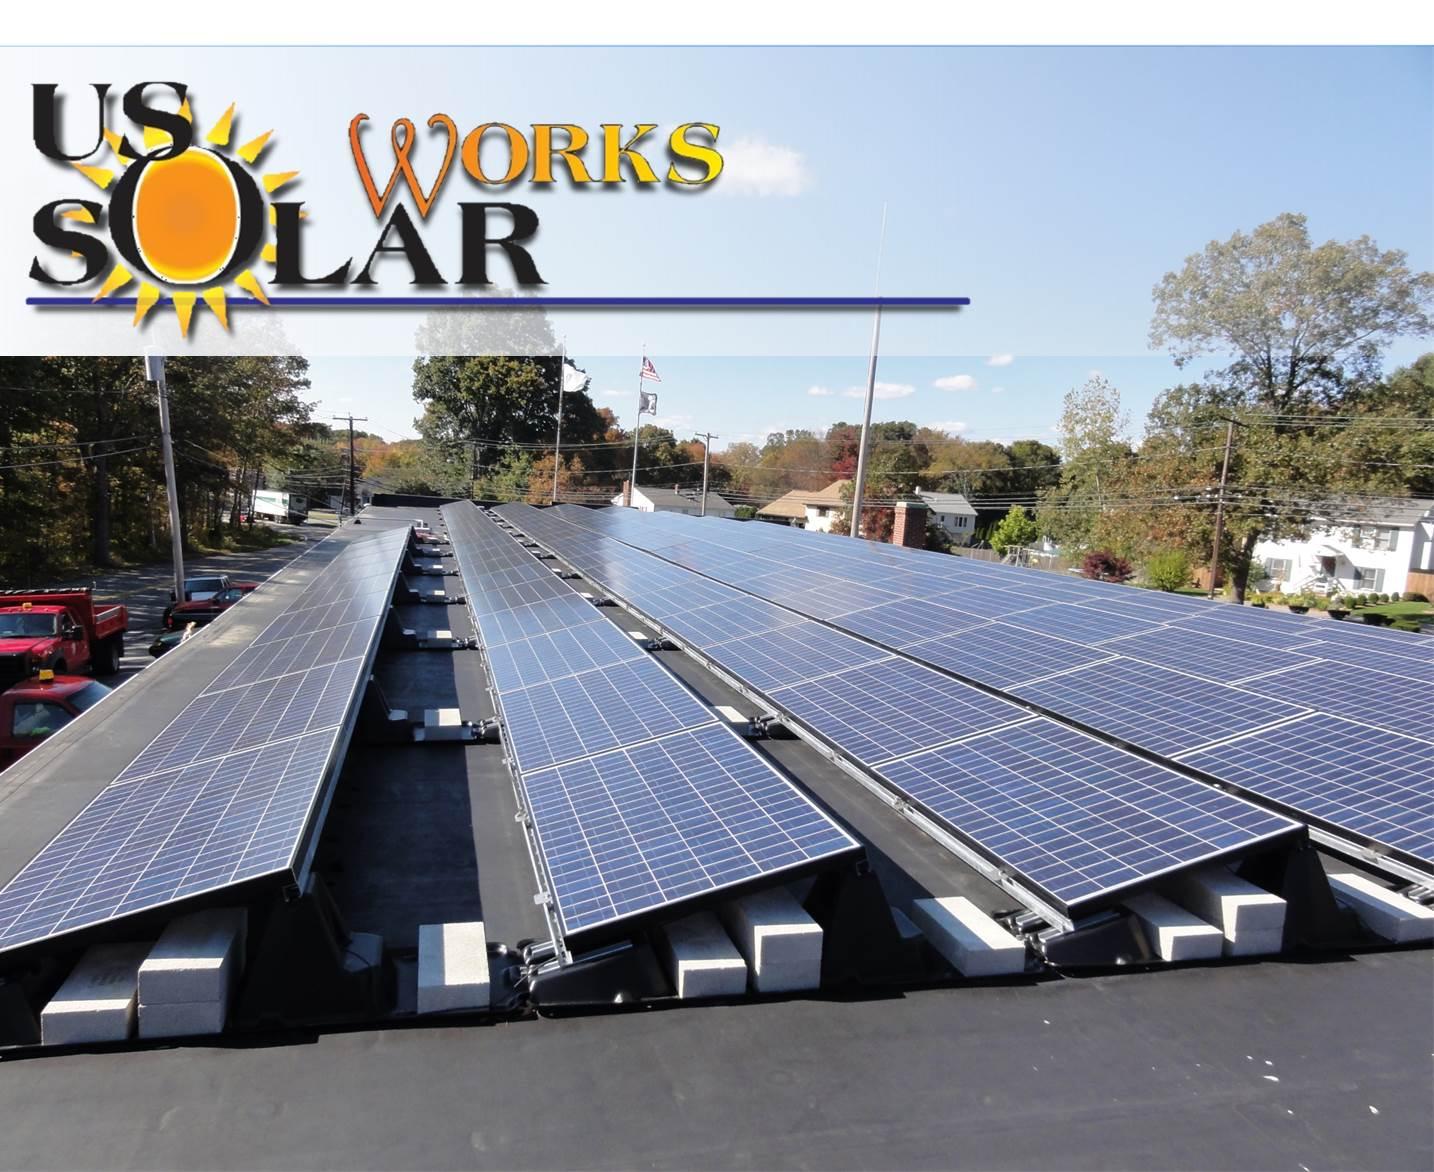 Rooftop solar array in Seekonk, MA